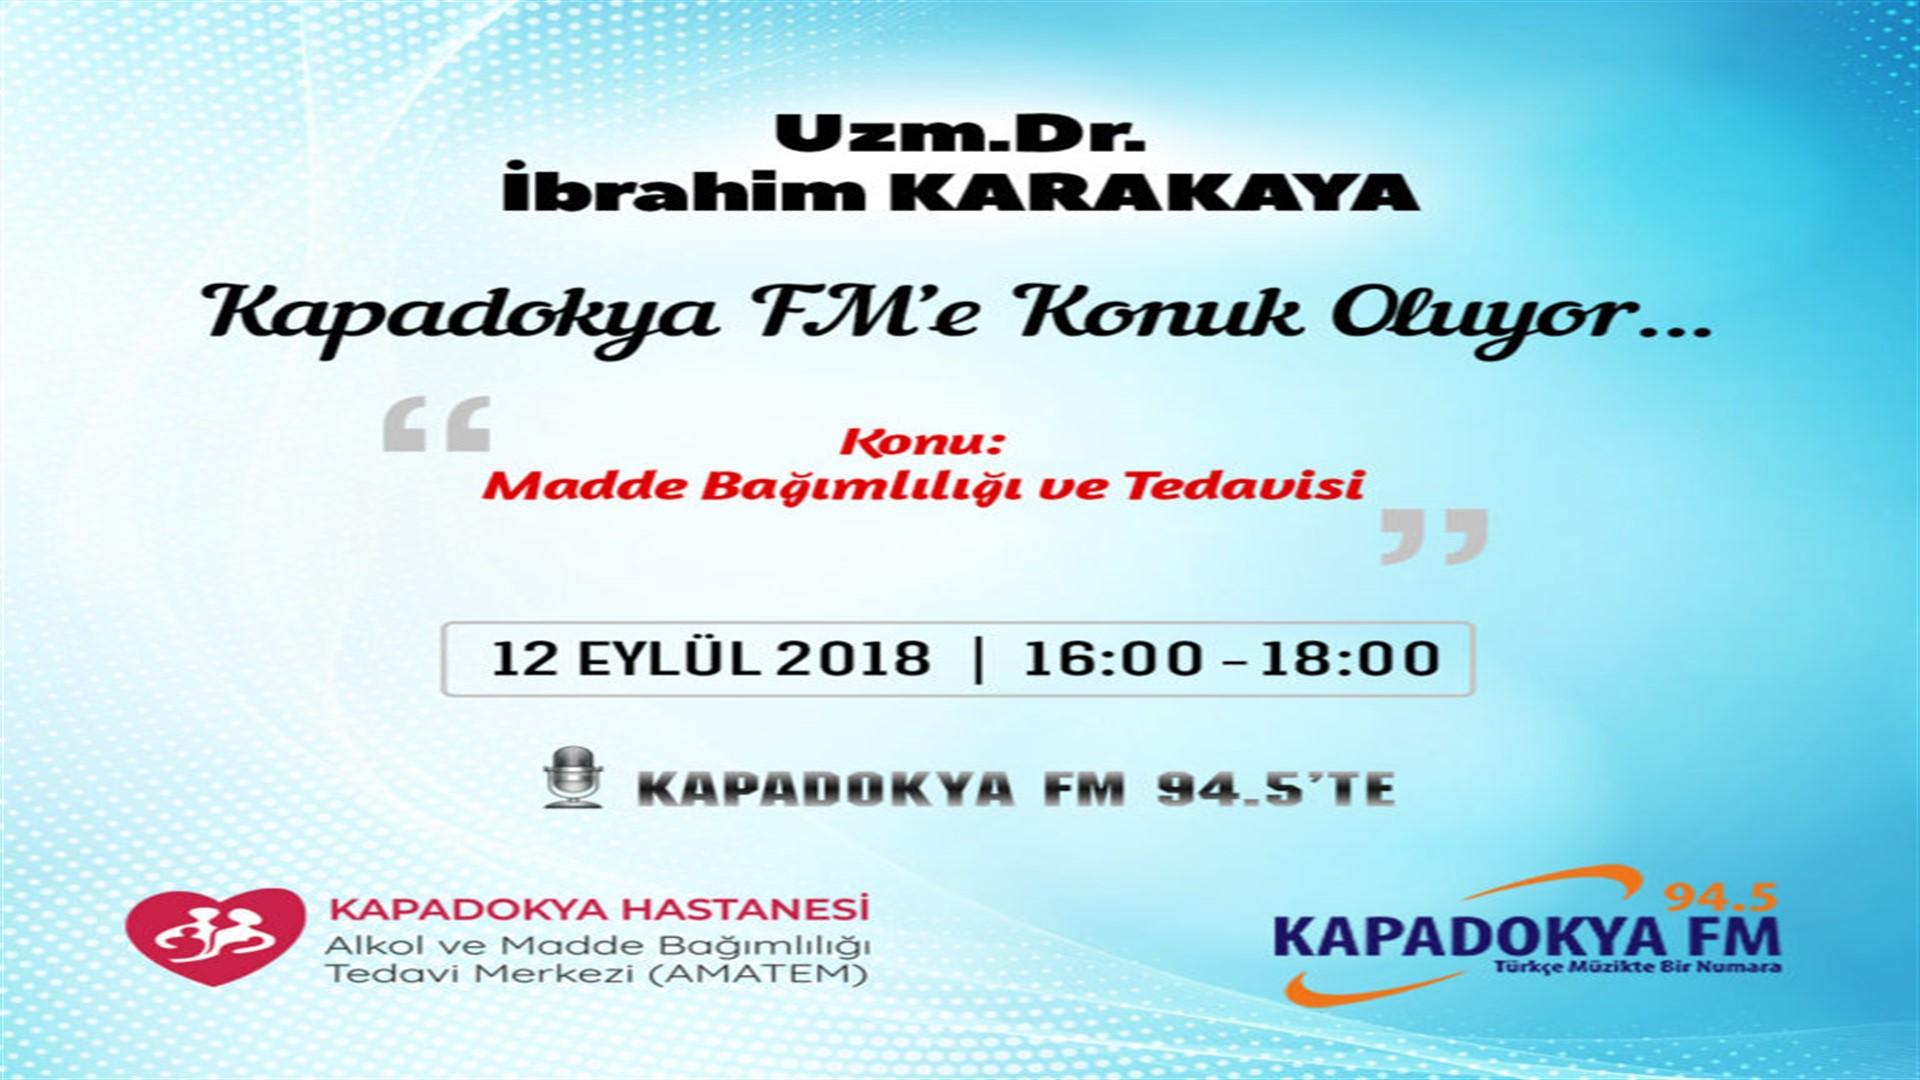 Uzm. Dr İbrahim Karakaya Kapadokya Fm'e konuk oluyor